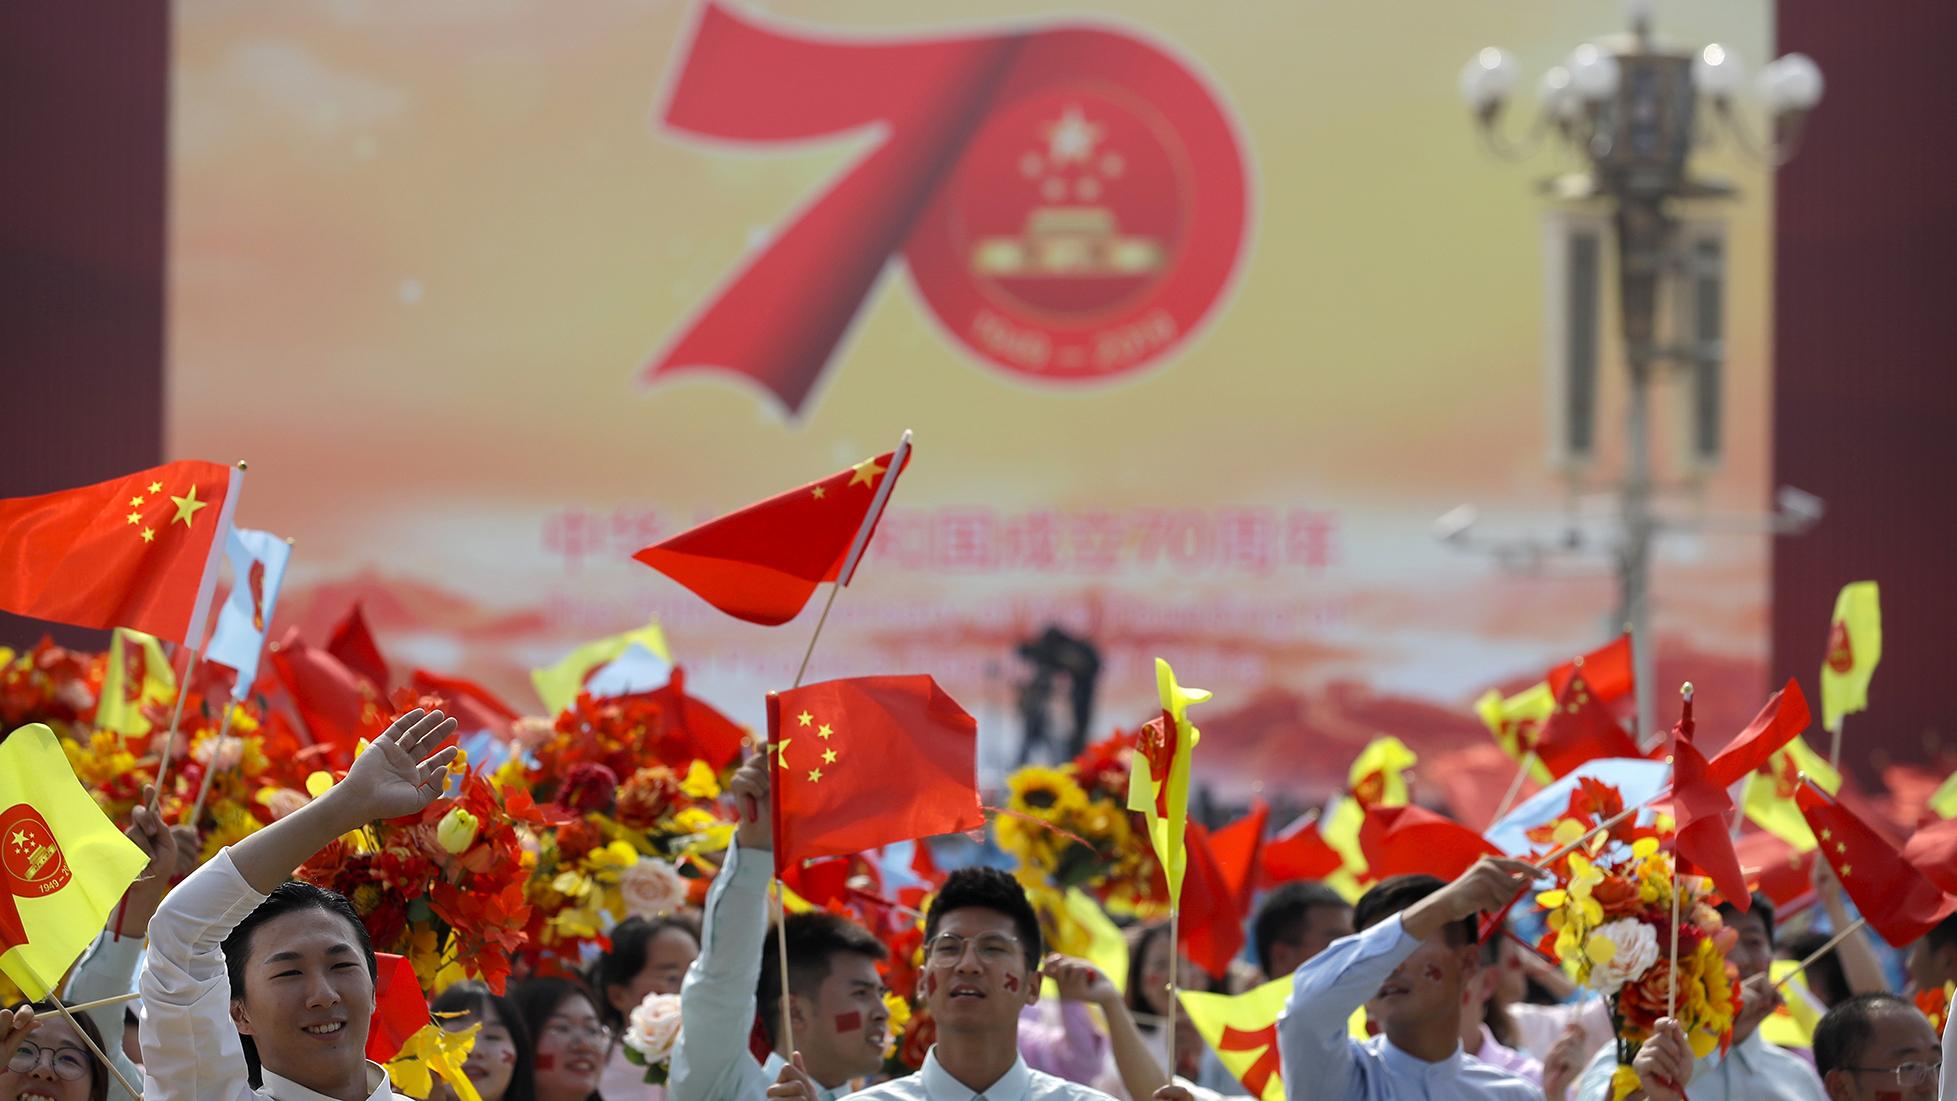 中国国庆70周年上的学生们在挥舞国旗。(美联社)